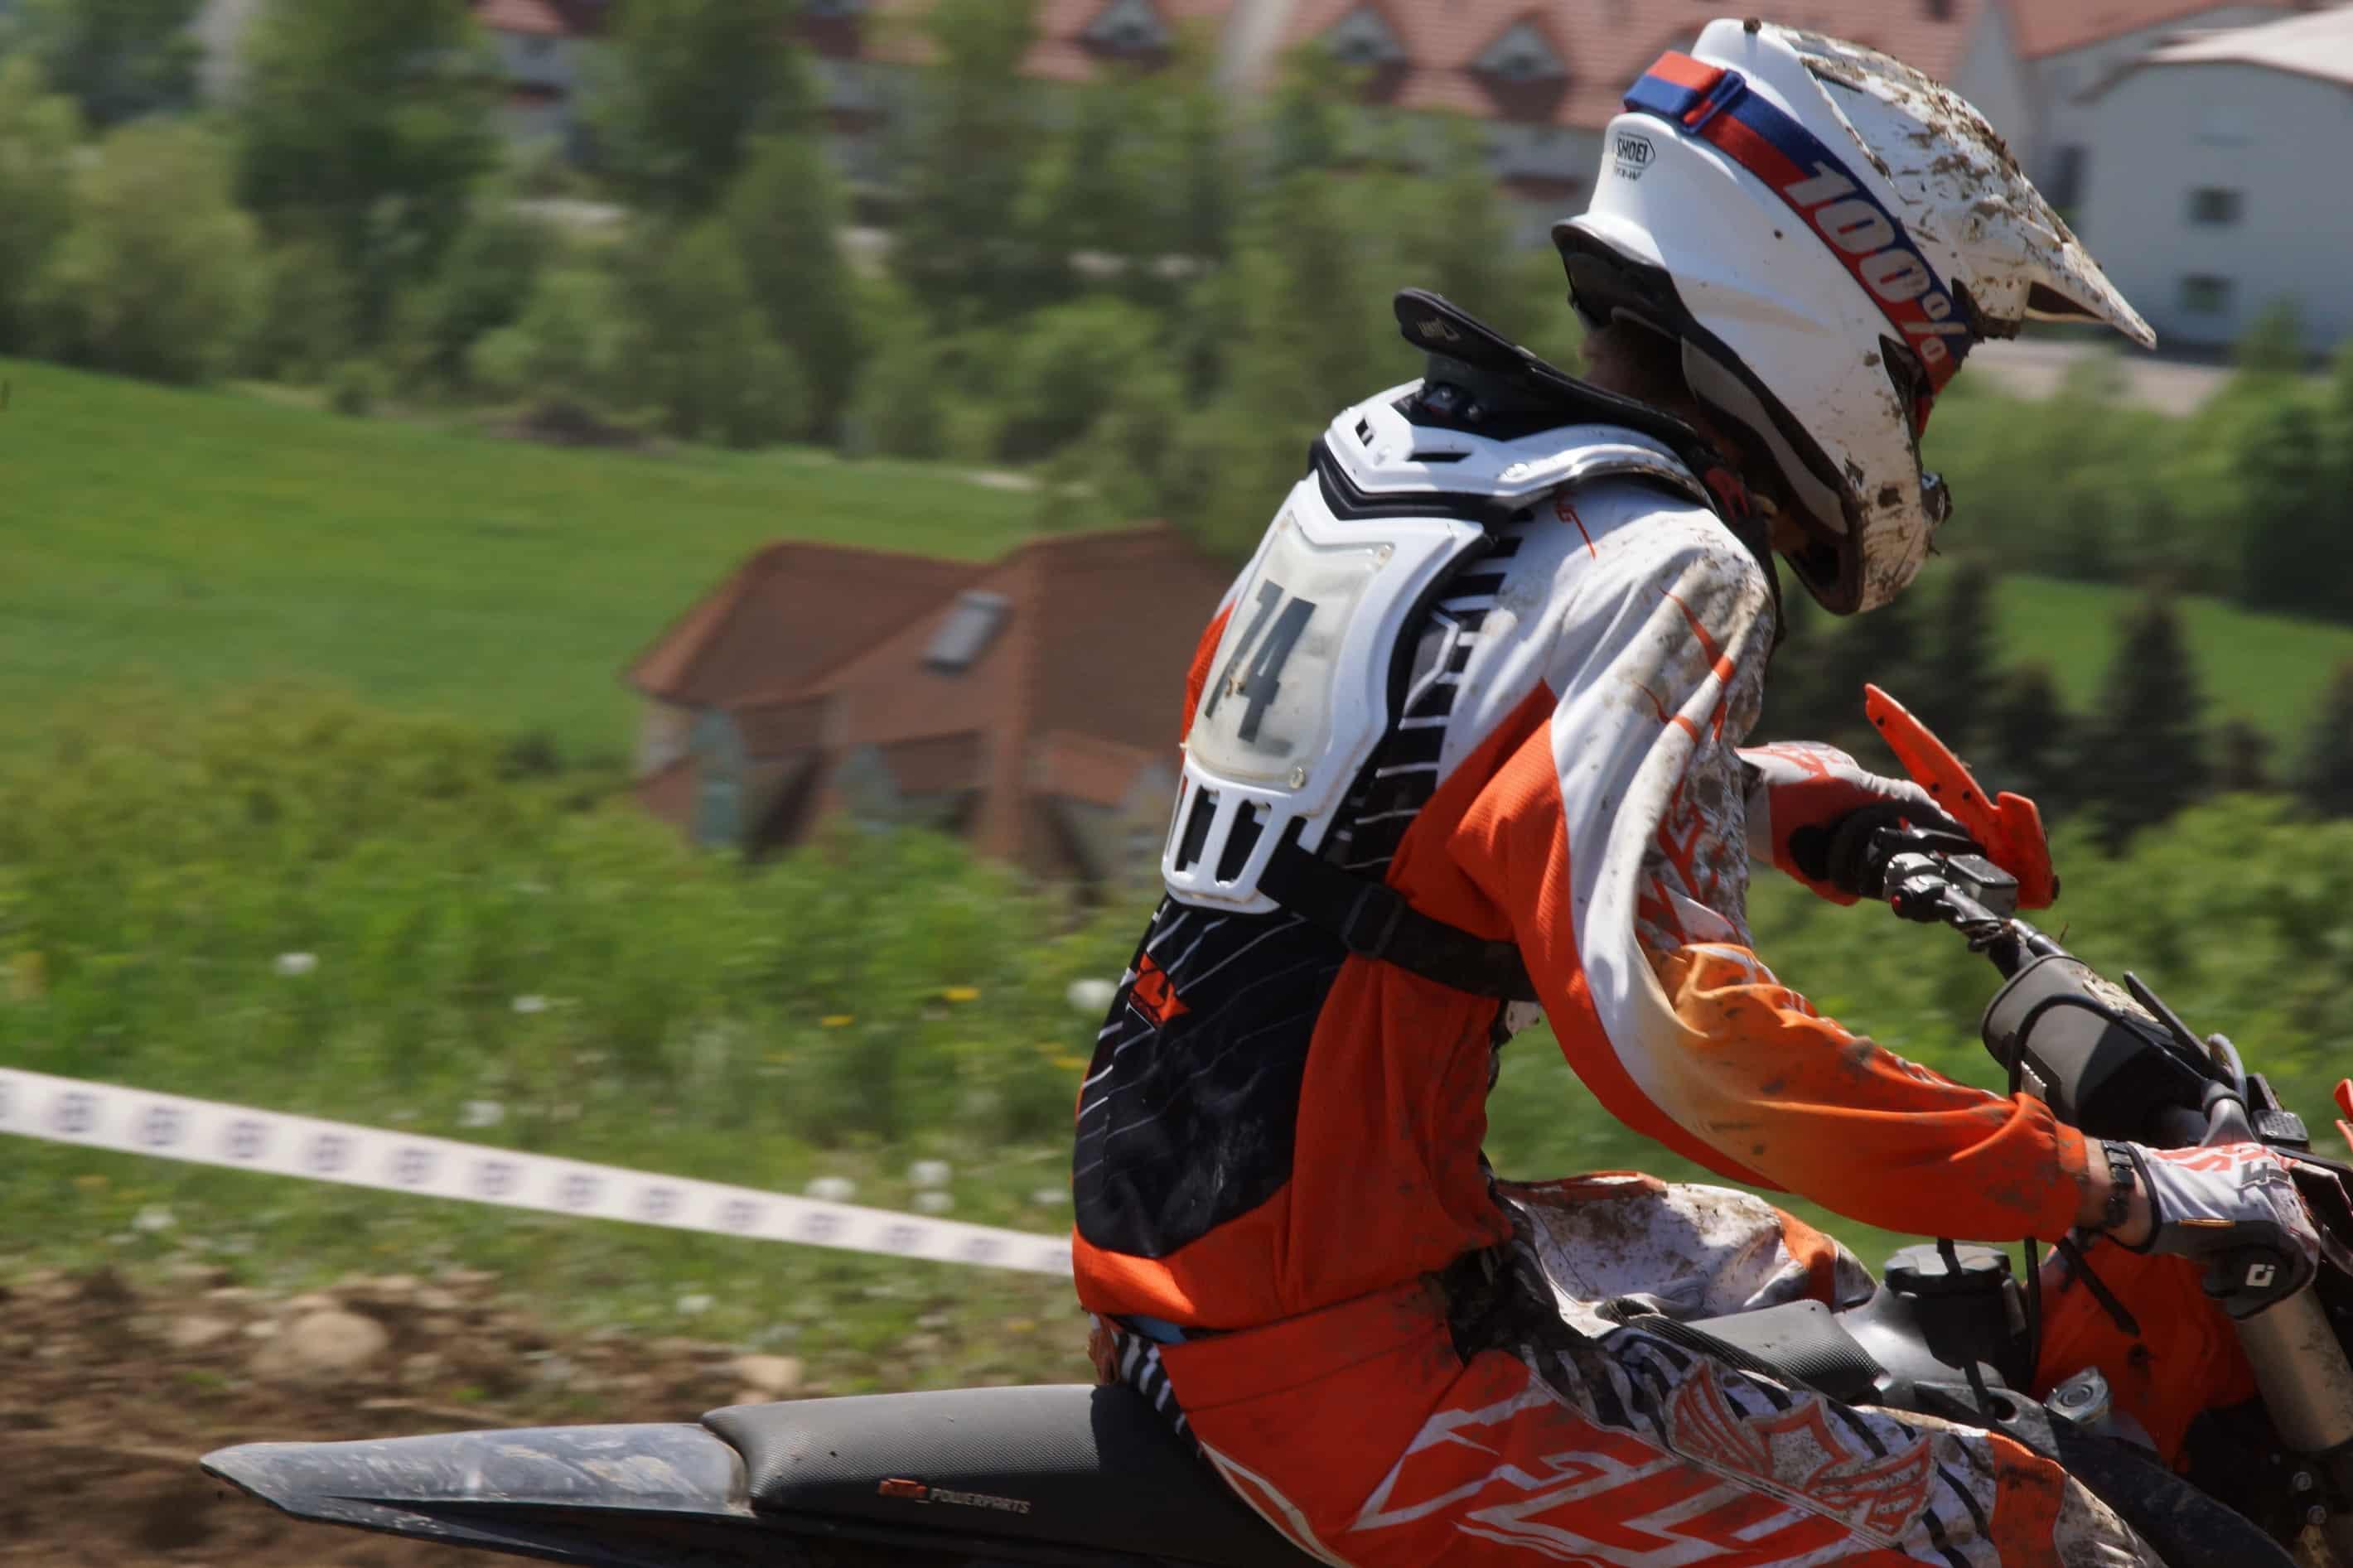 DSC1086_Moto Cross Sittendorf